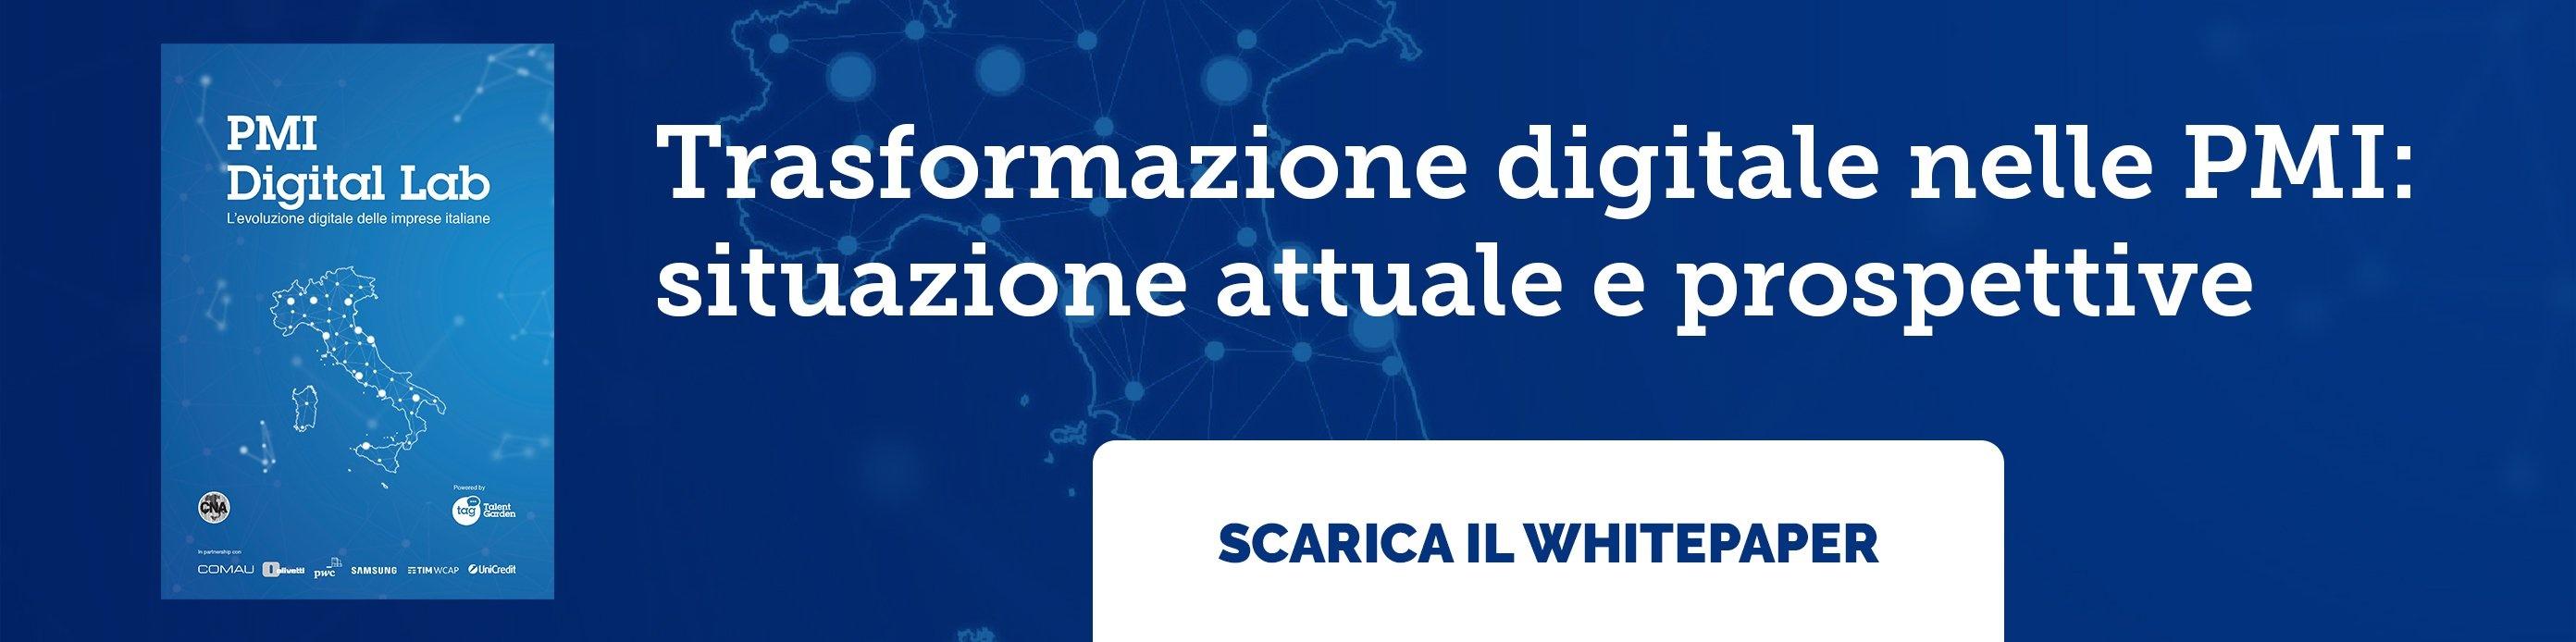 Trasformazione digitale nelle PMI: situazione attuale e prospettive - Scarica il whitepaper